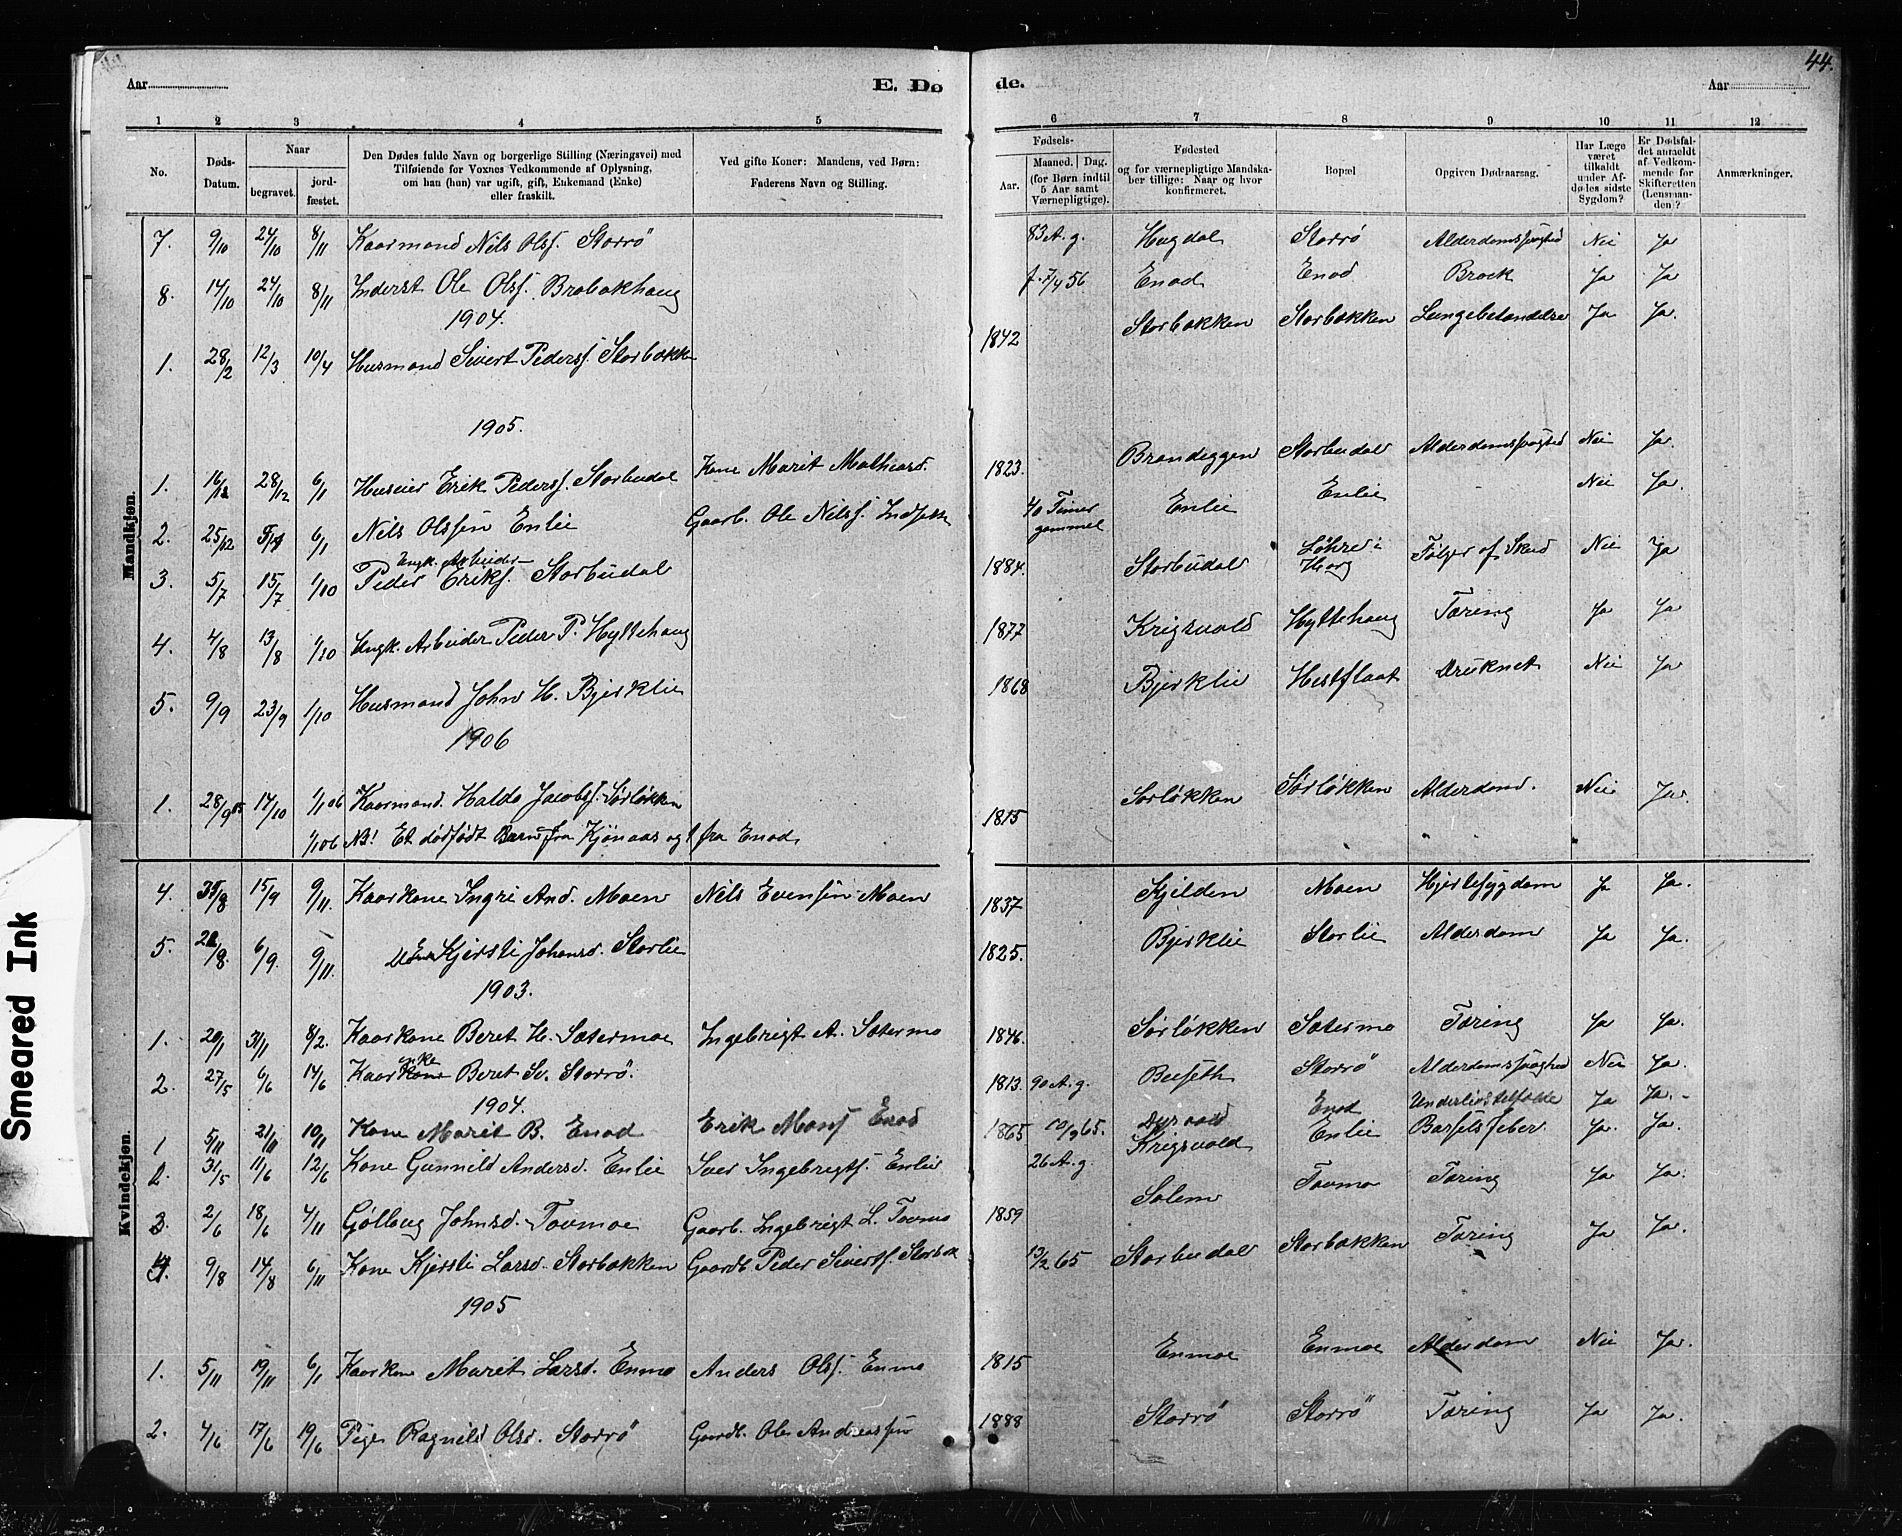 SAT, Ministerialprotokoller, klokkerbøker og fødselsregistre - Sør-Trøndelag, 690/L1051: Klokkerbok nr. 690C01, 1887-1908, s. 44